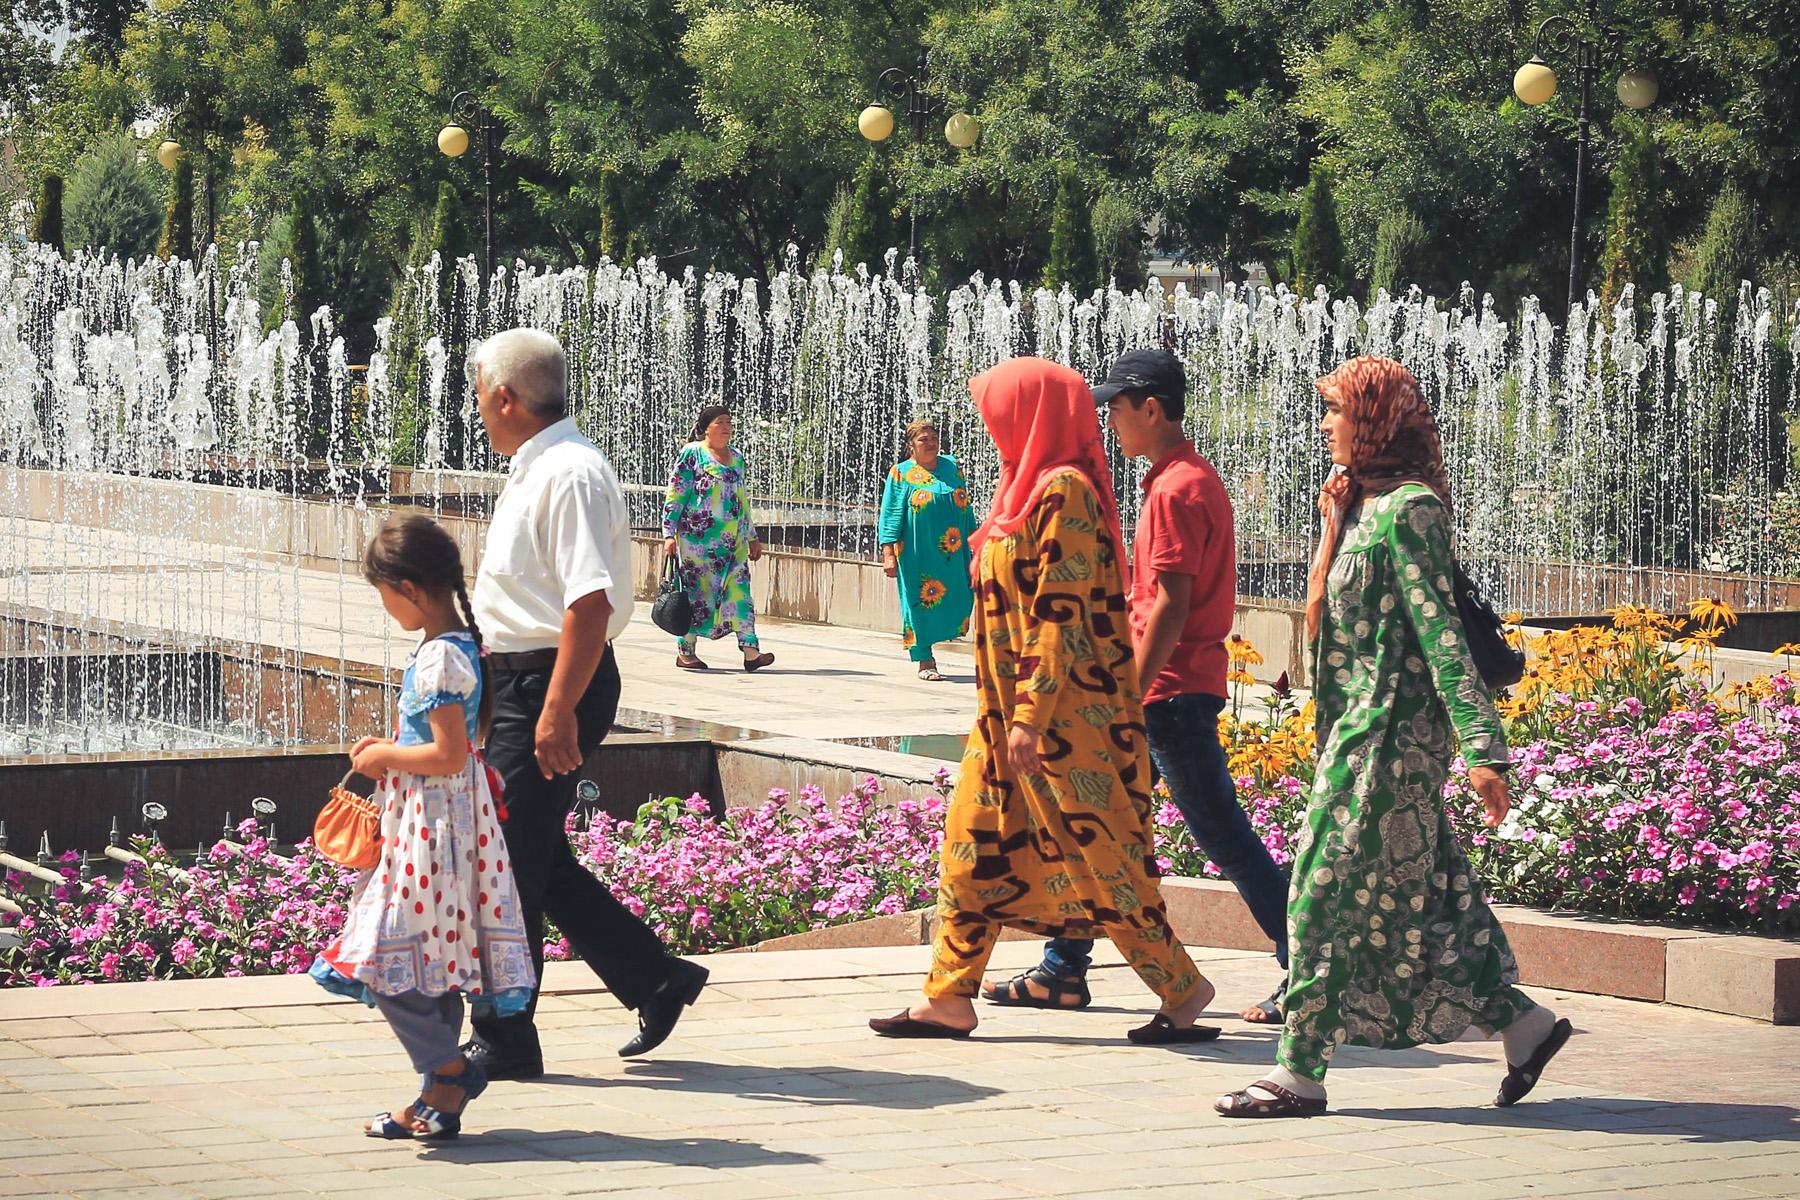 Niemal wszystkie kobiety ubierają się bardzo kolorowo! Według Marty kiczowato, mi się tam podobało! :)